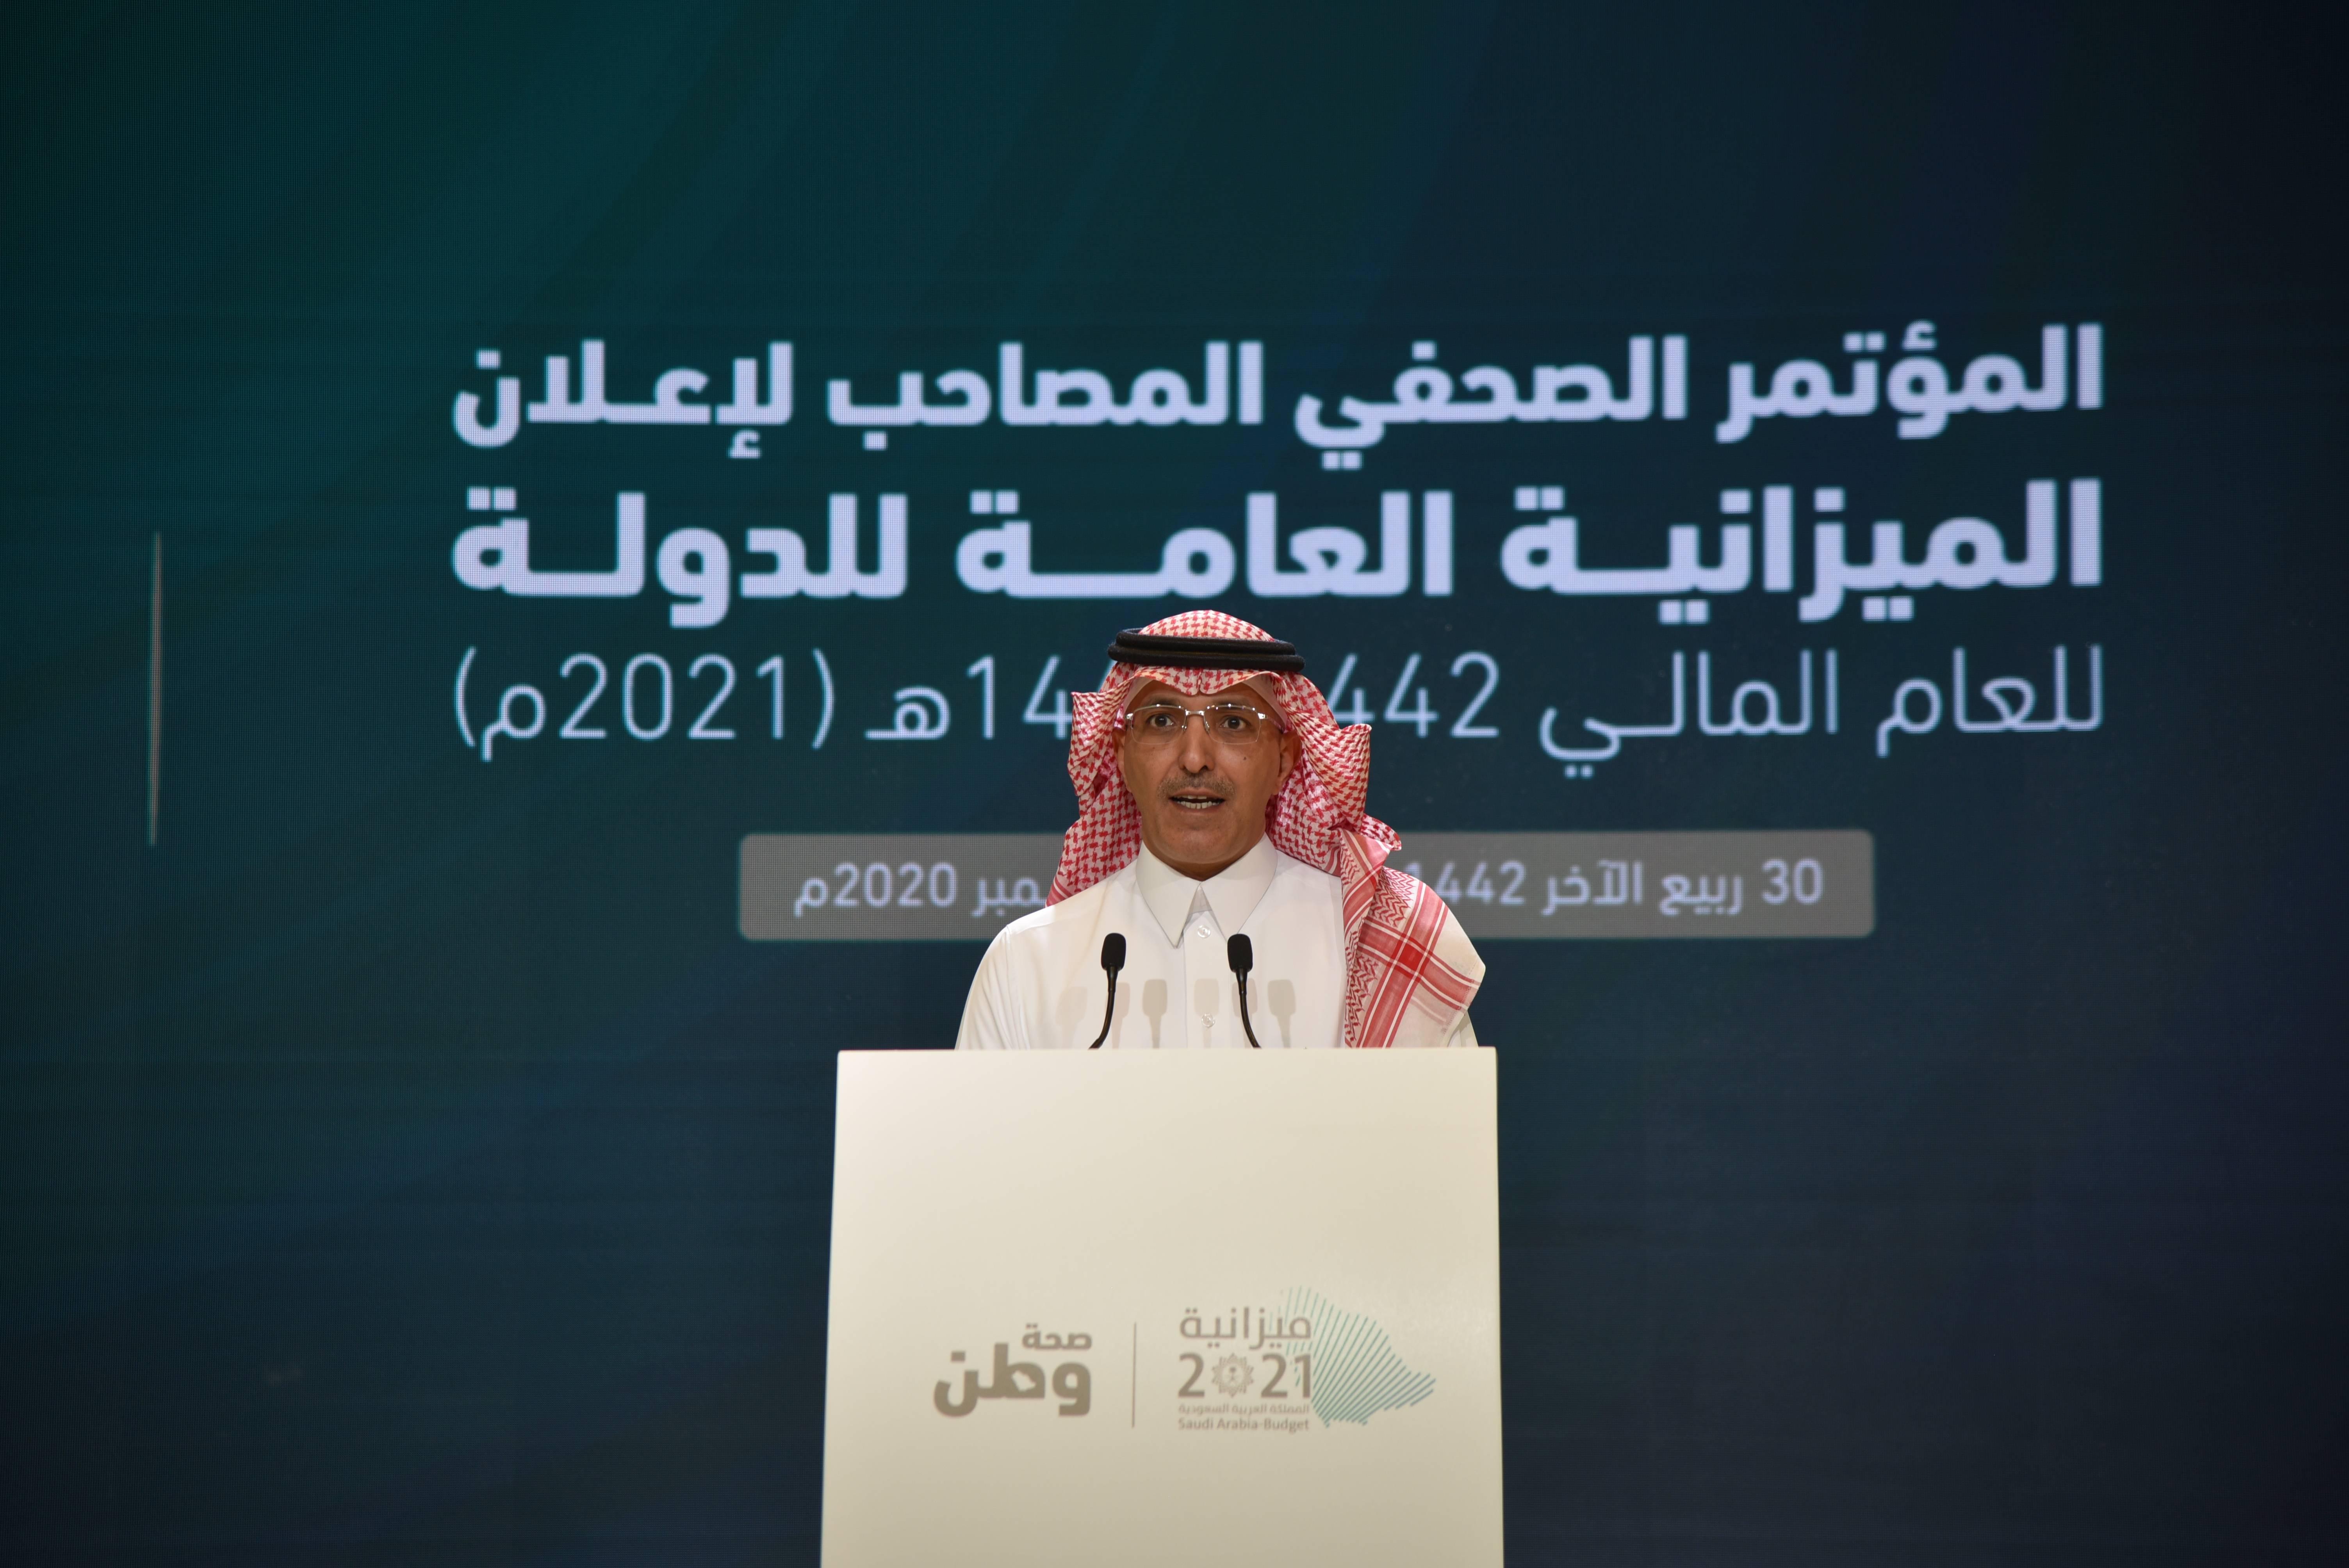 沙特2021 gdp_沙特阿拉伯